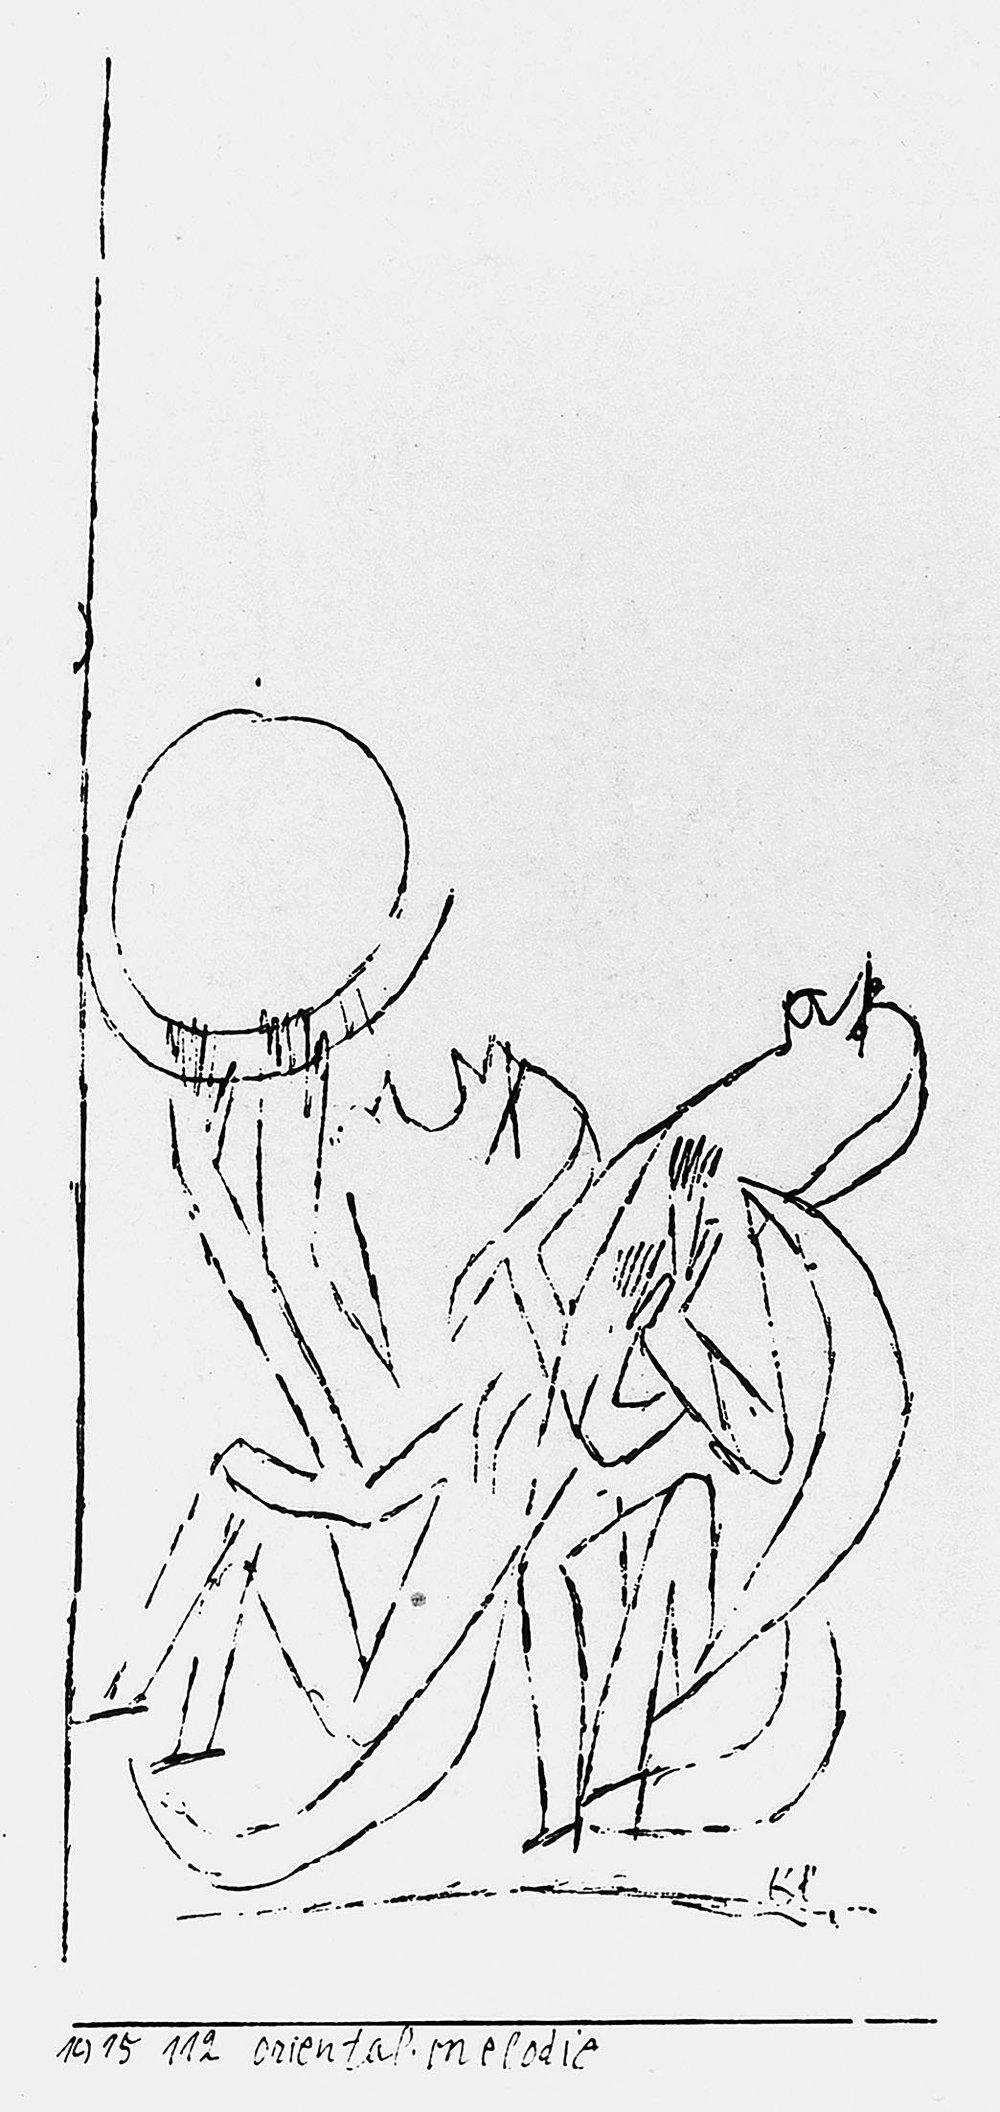 Abb.43 Paul Klee, oriental. Melodie, 1915, 112 , Feder auf Papier auf Karton Standort unbekannt